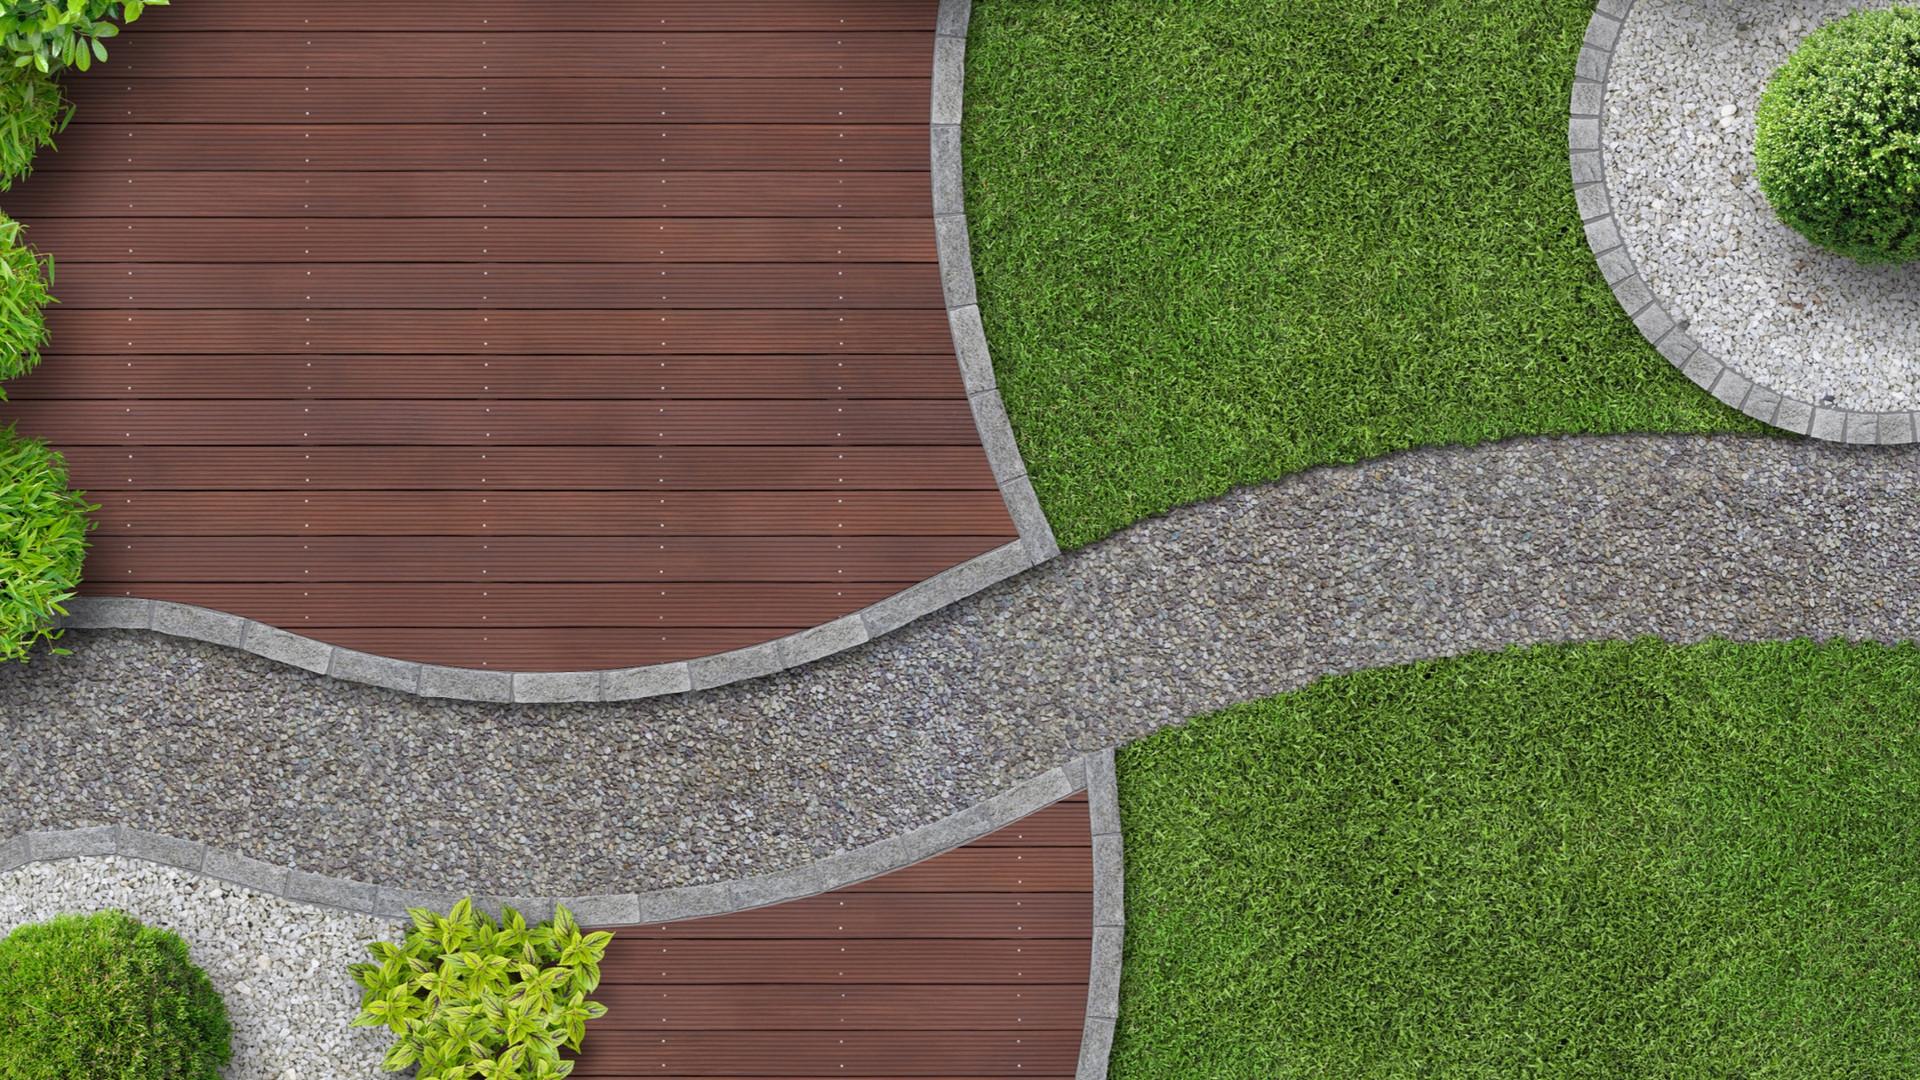 Yard Market Landscaping Design Services